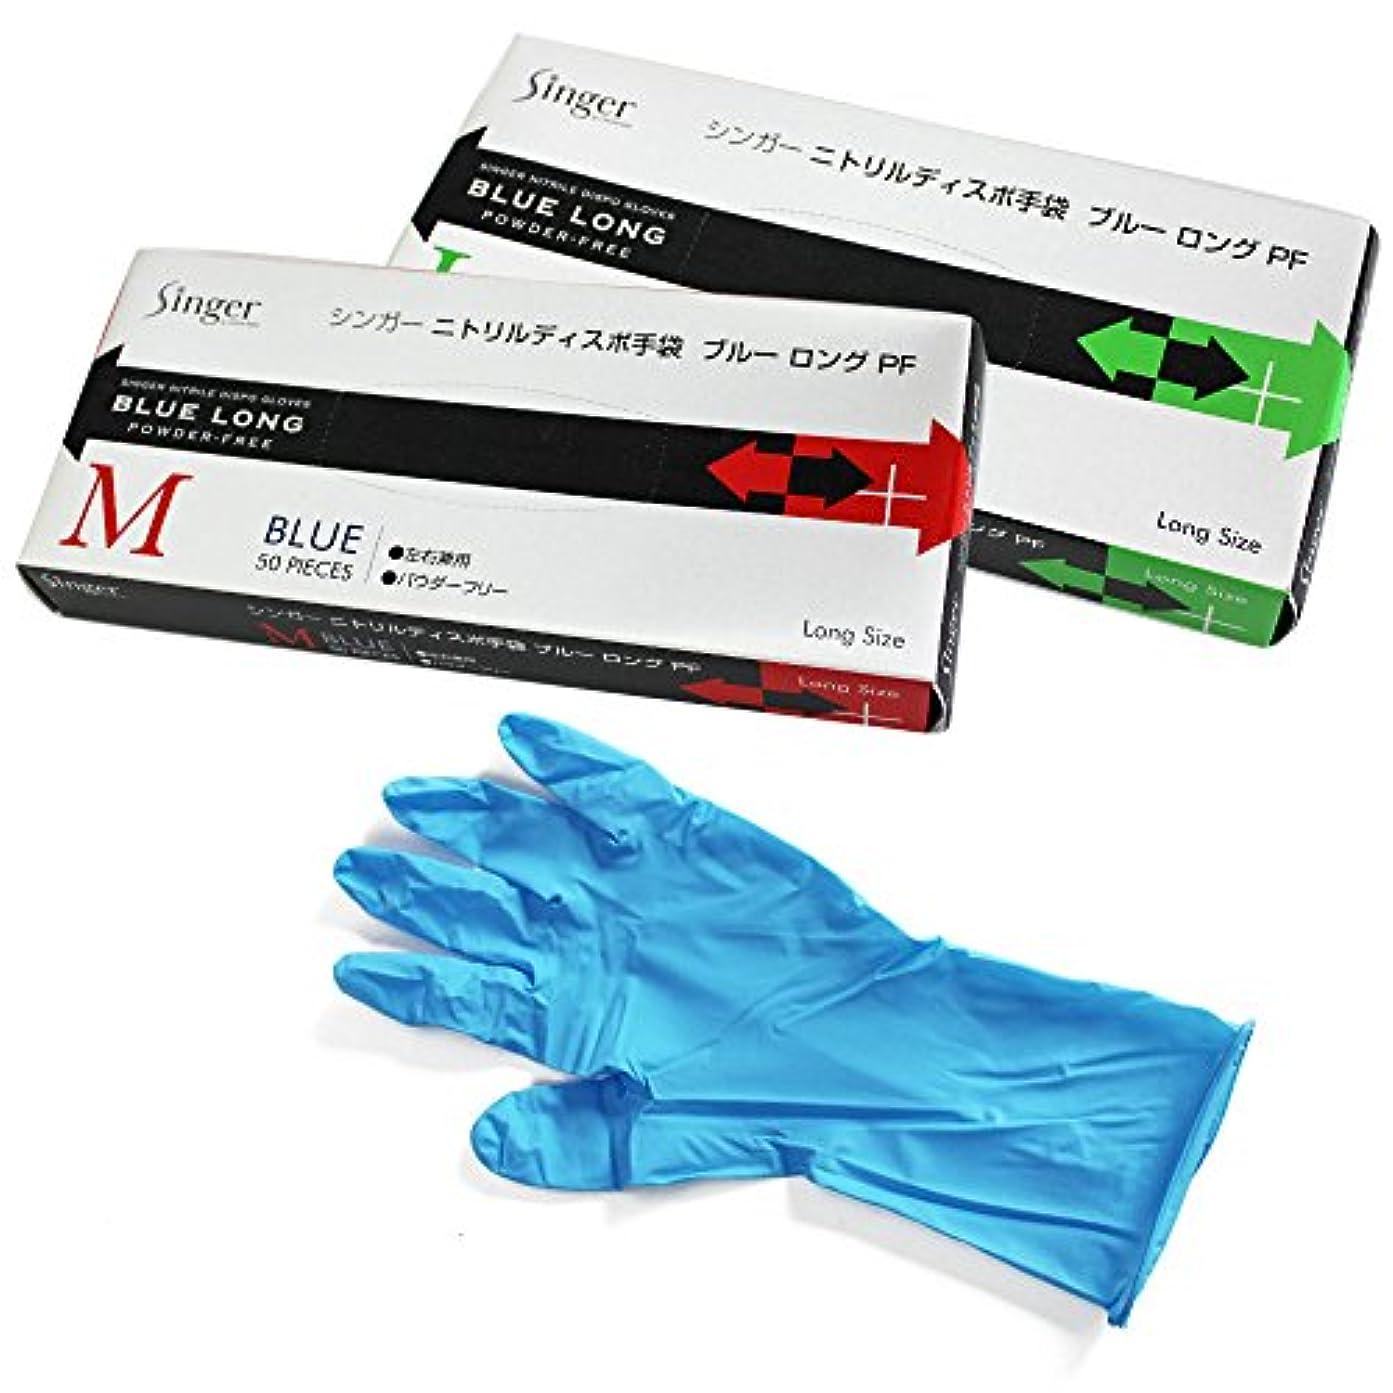 経済的近代化するサラダシンガーニトリルディスポ手袋ブルーロングパウダーフリー250枚(50枚入り×5箱) (M)